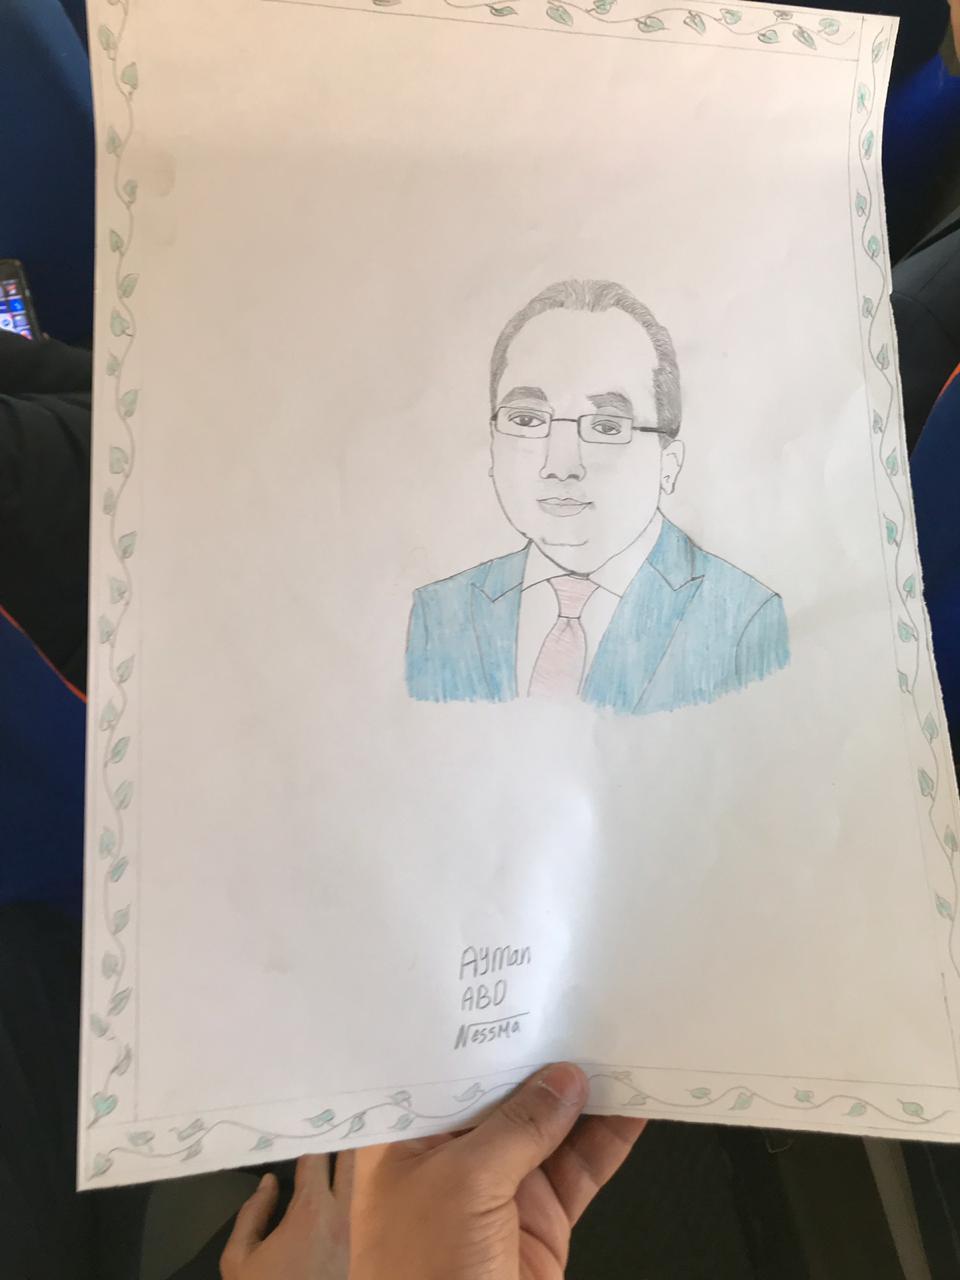 طفل يرسم بورتريه لرئيس الوزراء في الأقصر